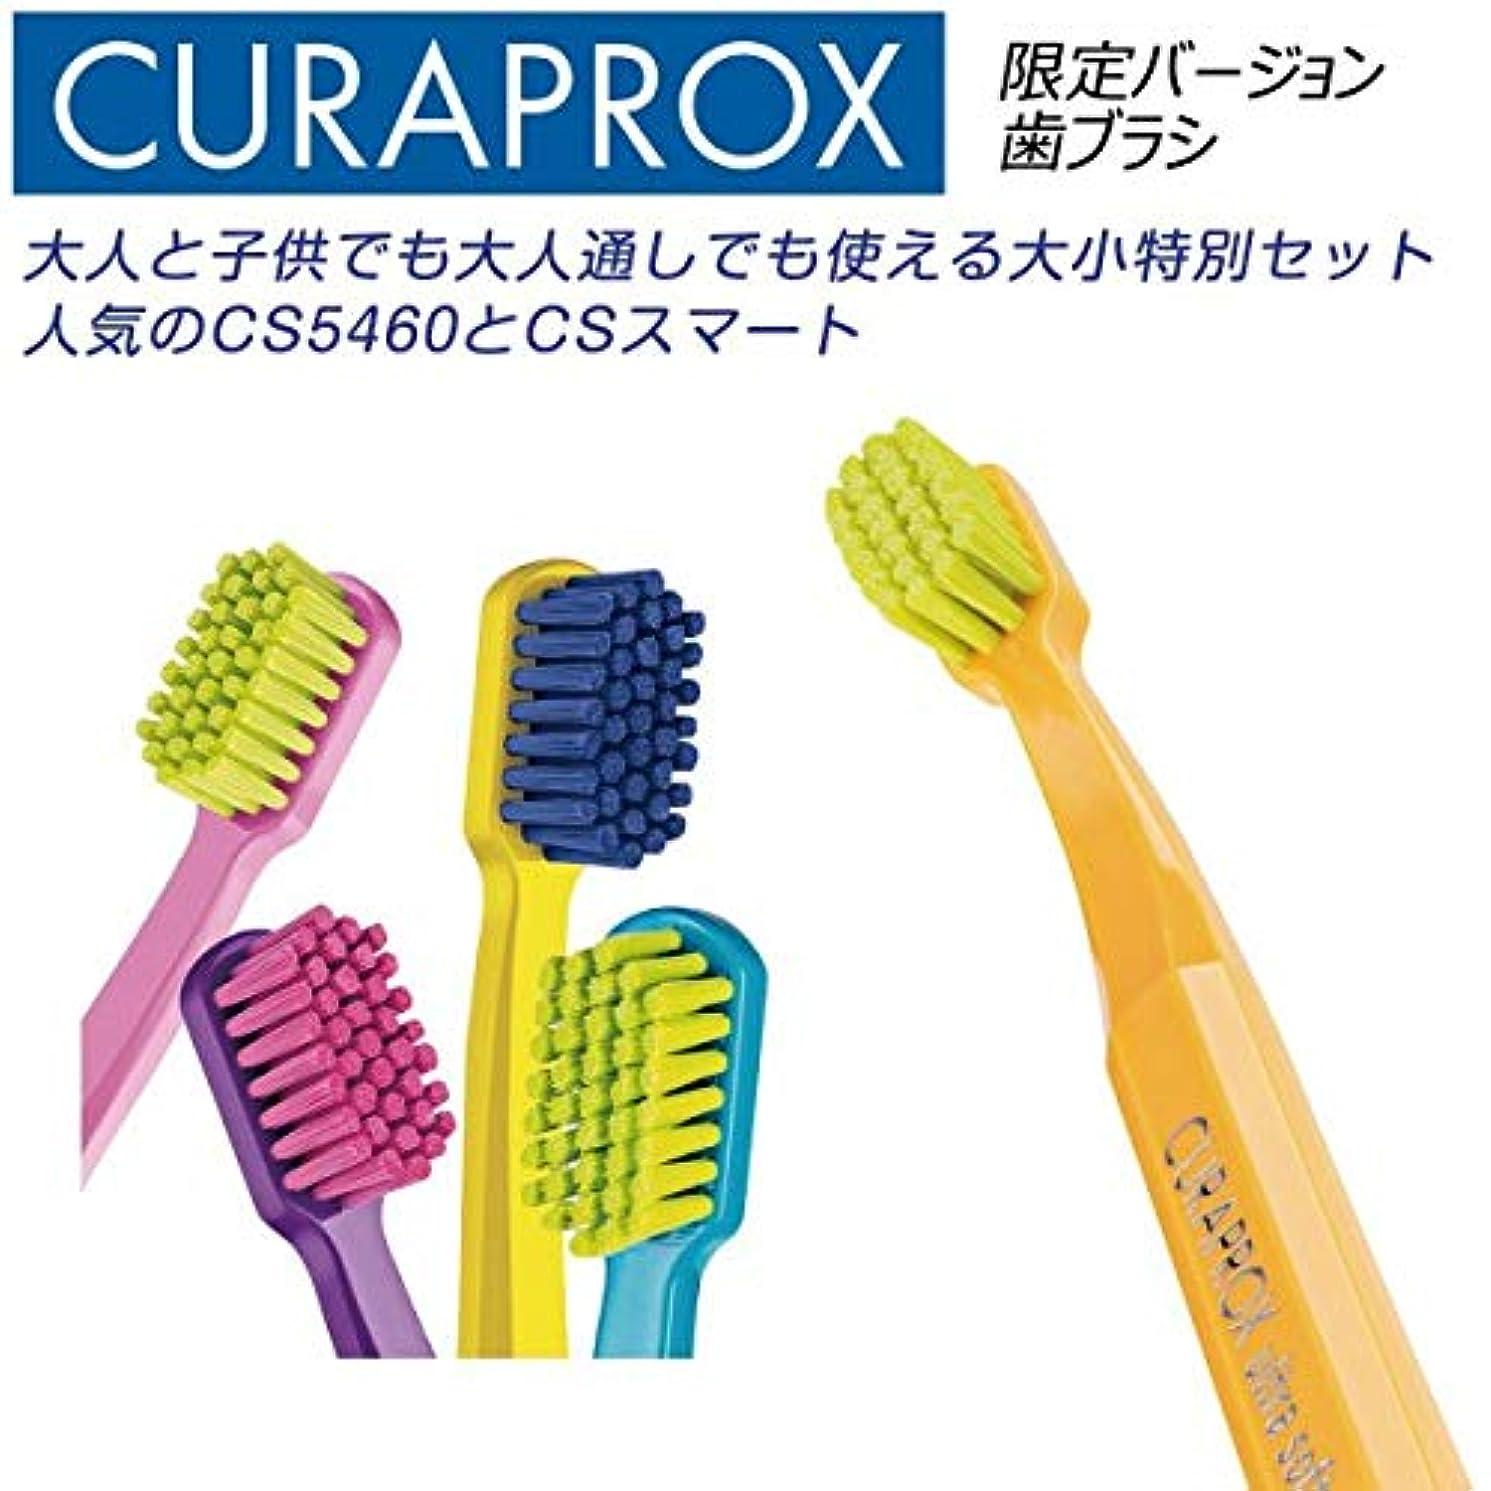 虹カンガルーオーストラリア人クラプロックス 歯ブラシ CS5460 ファミリーエディション黄+オレンジ